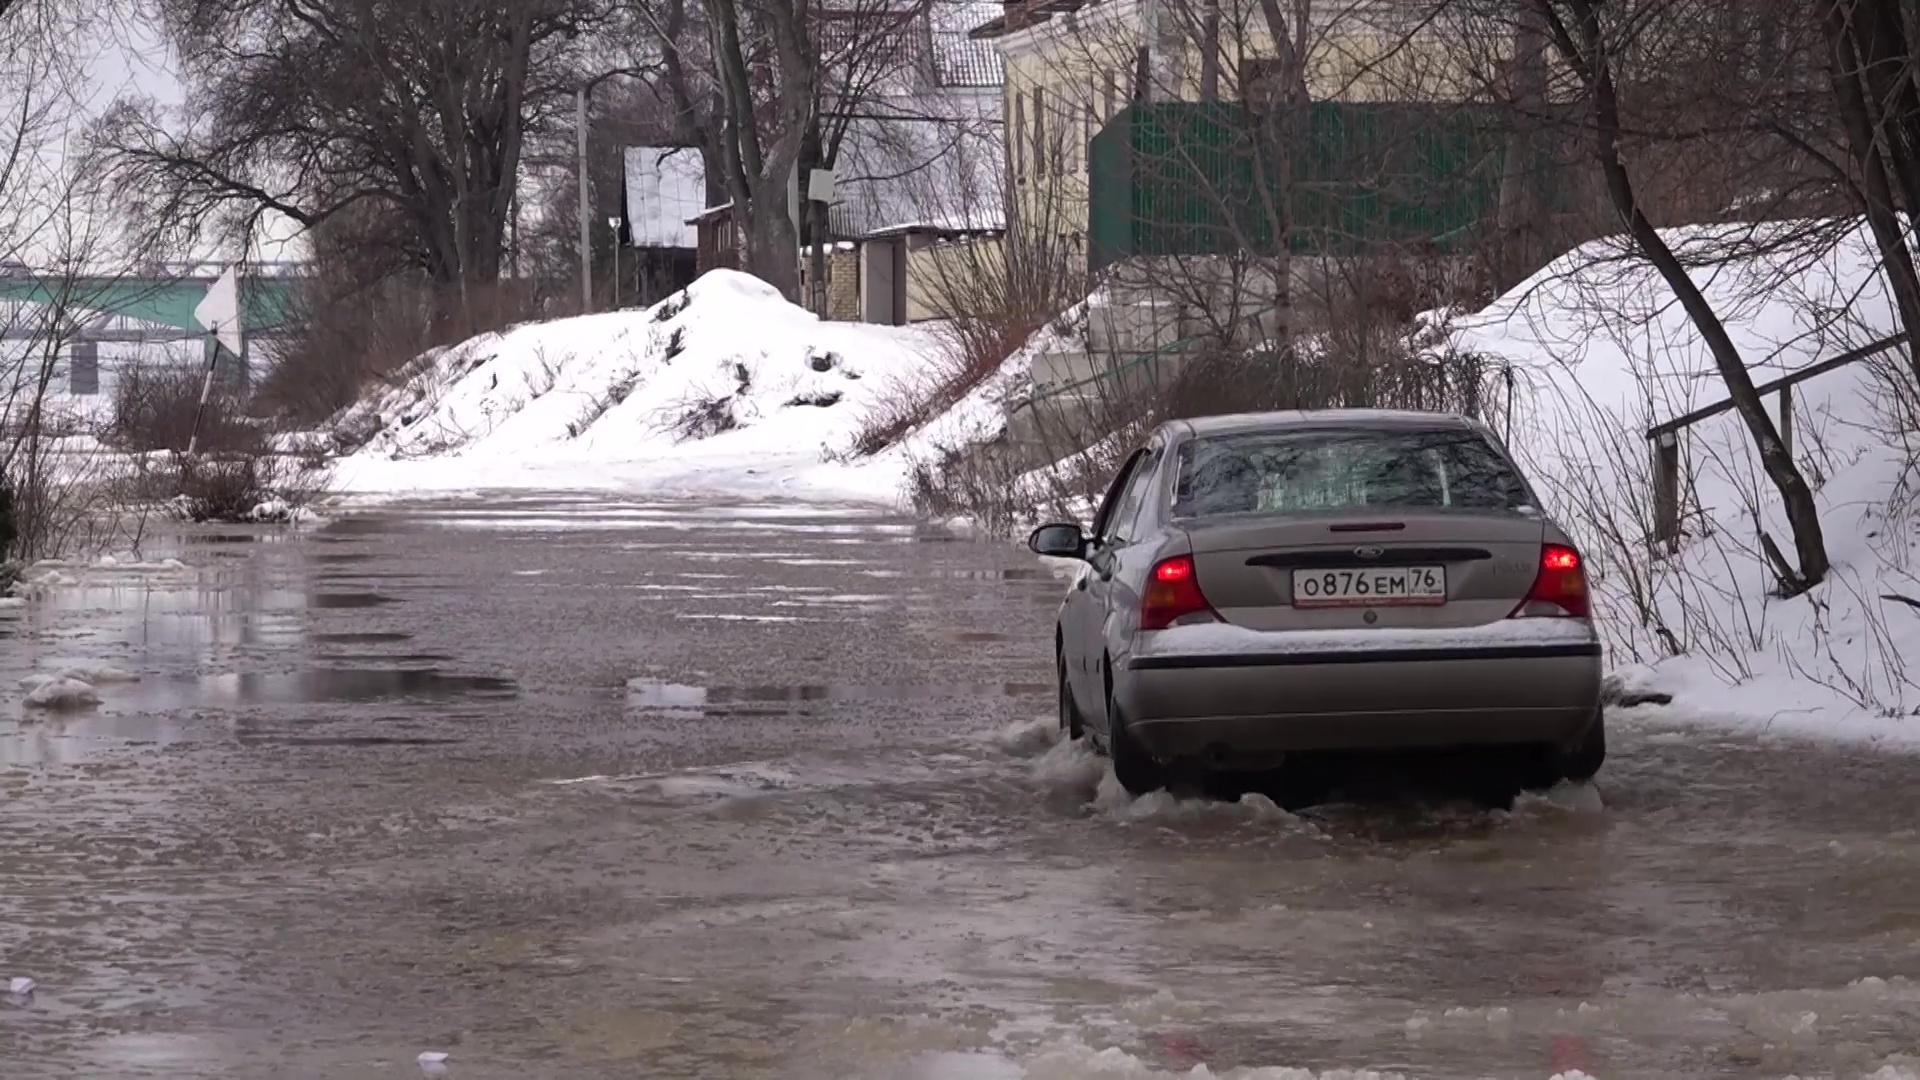 Областная прокуратура проверит подтопления в Ярославле